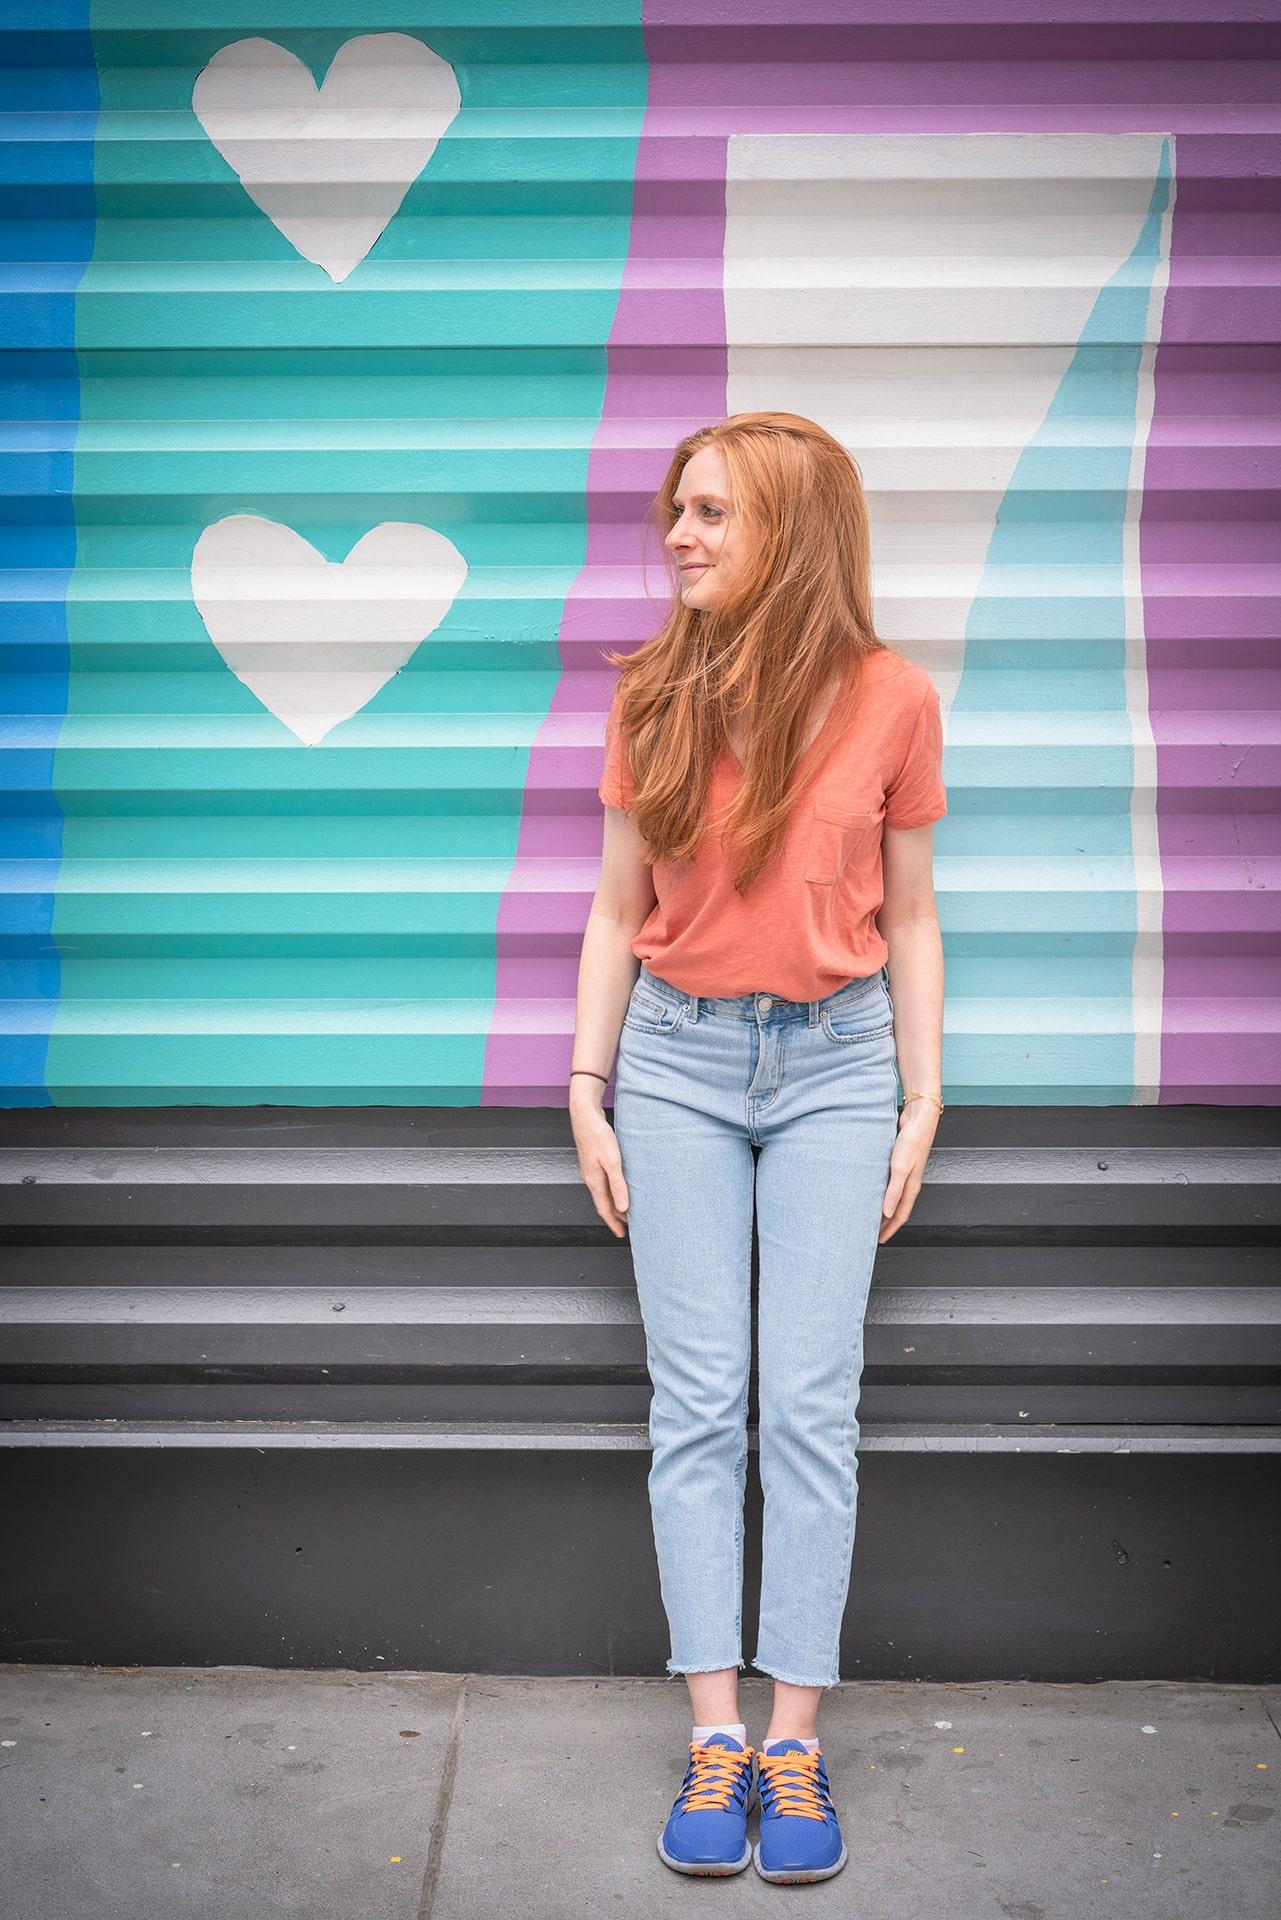 Blog Lifestyle - Et vous ? Avez-vous déjà été à New York ? - Suivre sa Joie - Saskia Parein